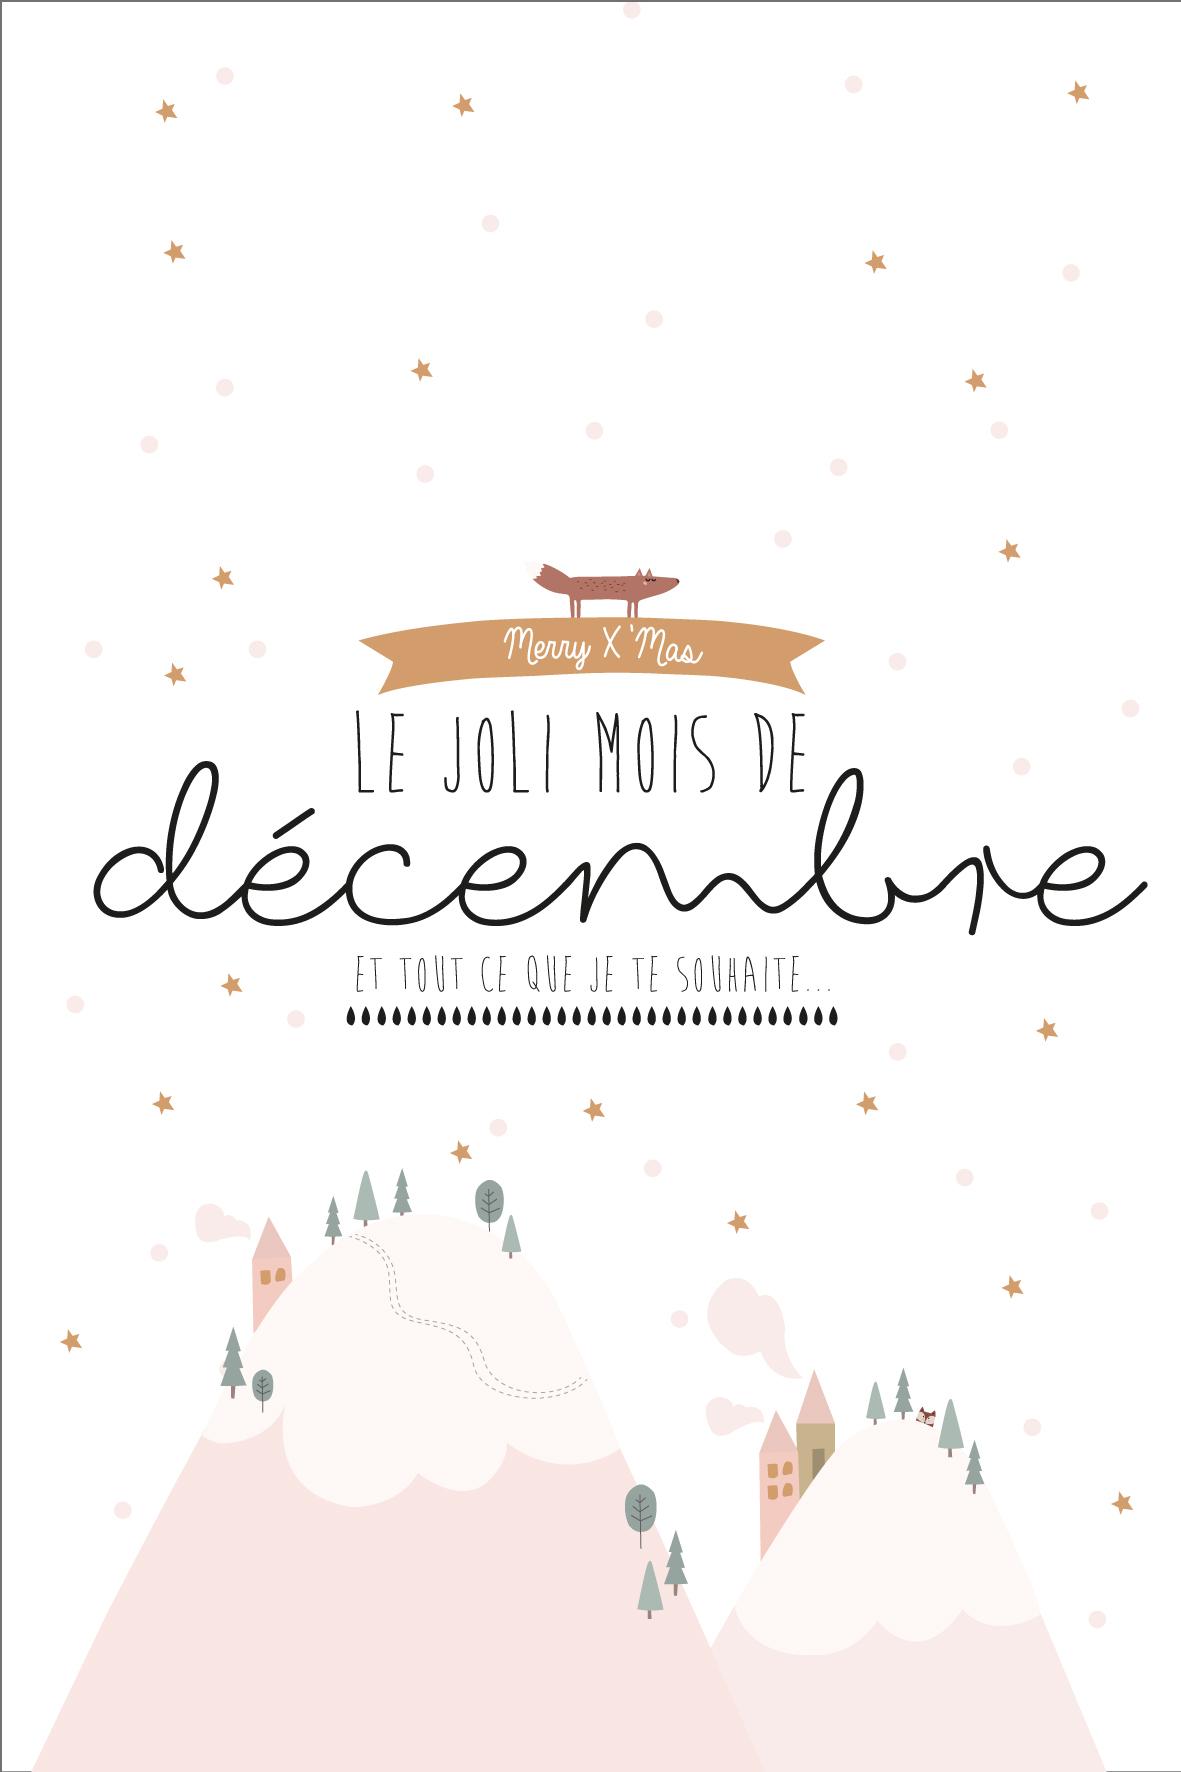 Calendrier Du Mois De Decembre A Imprimer La Vie En Plus Joli